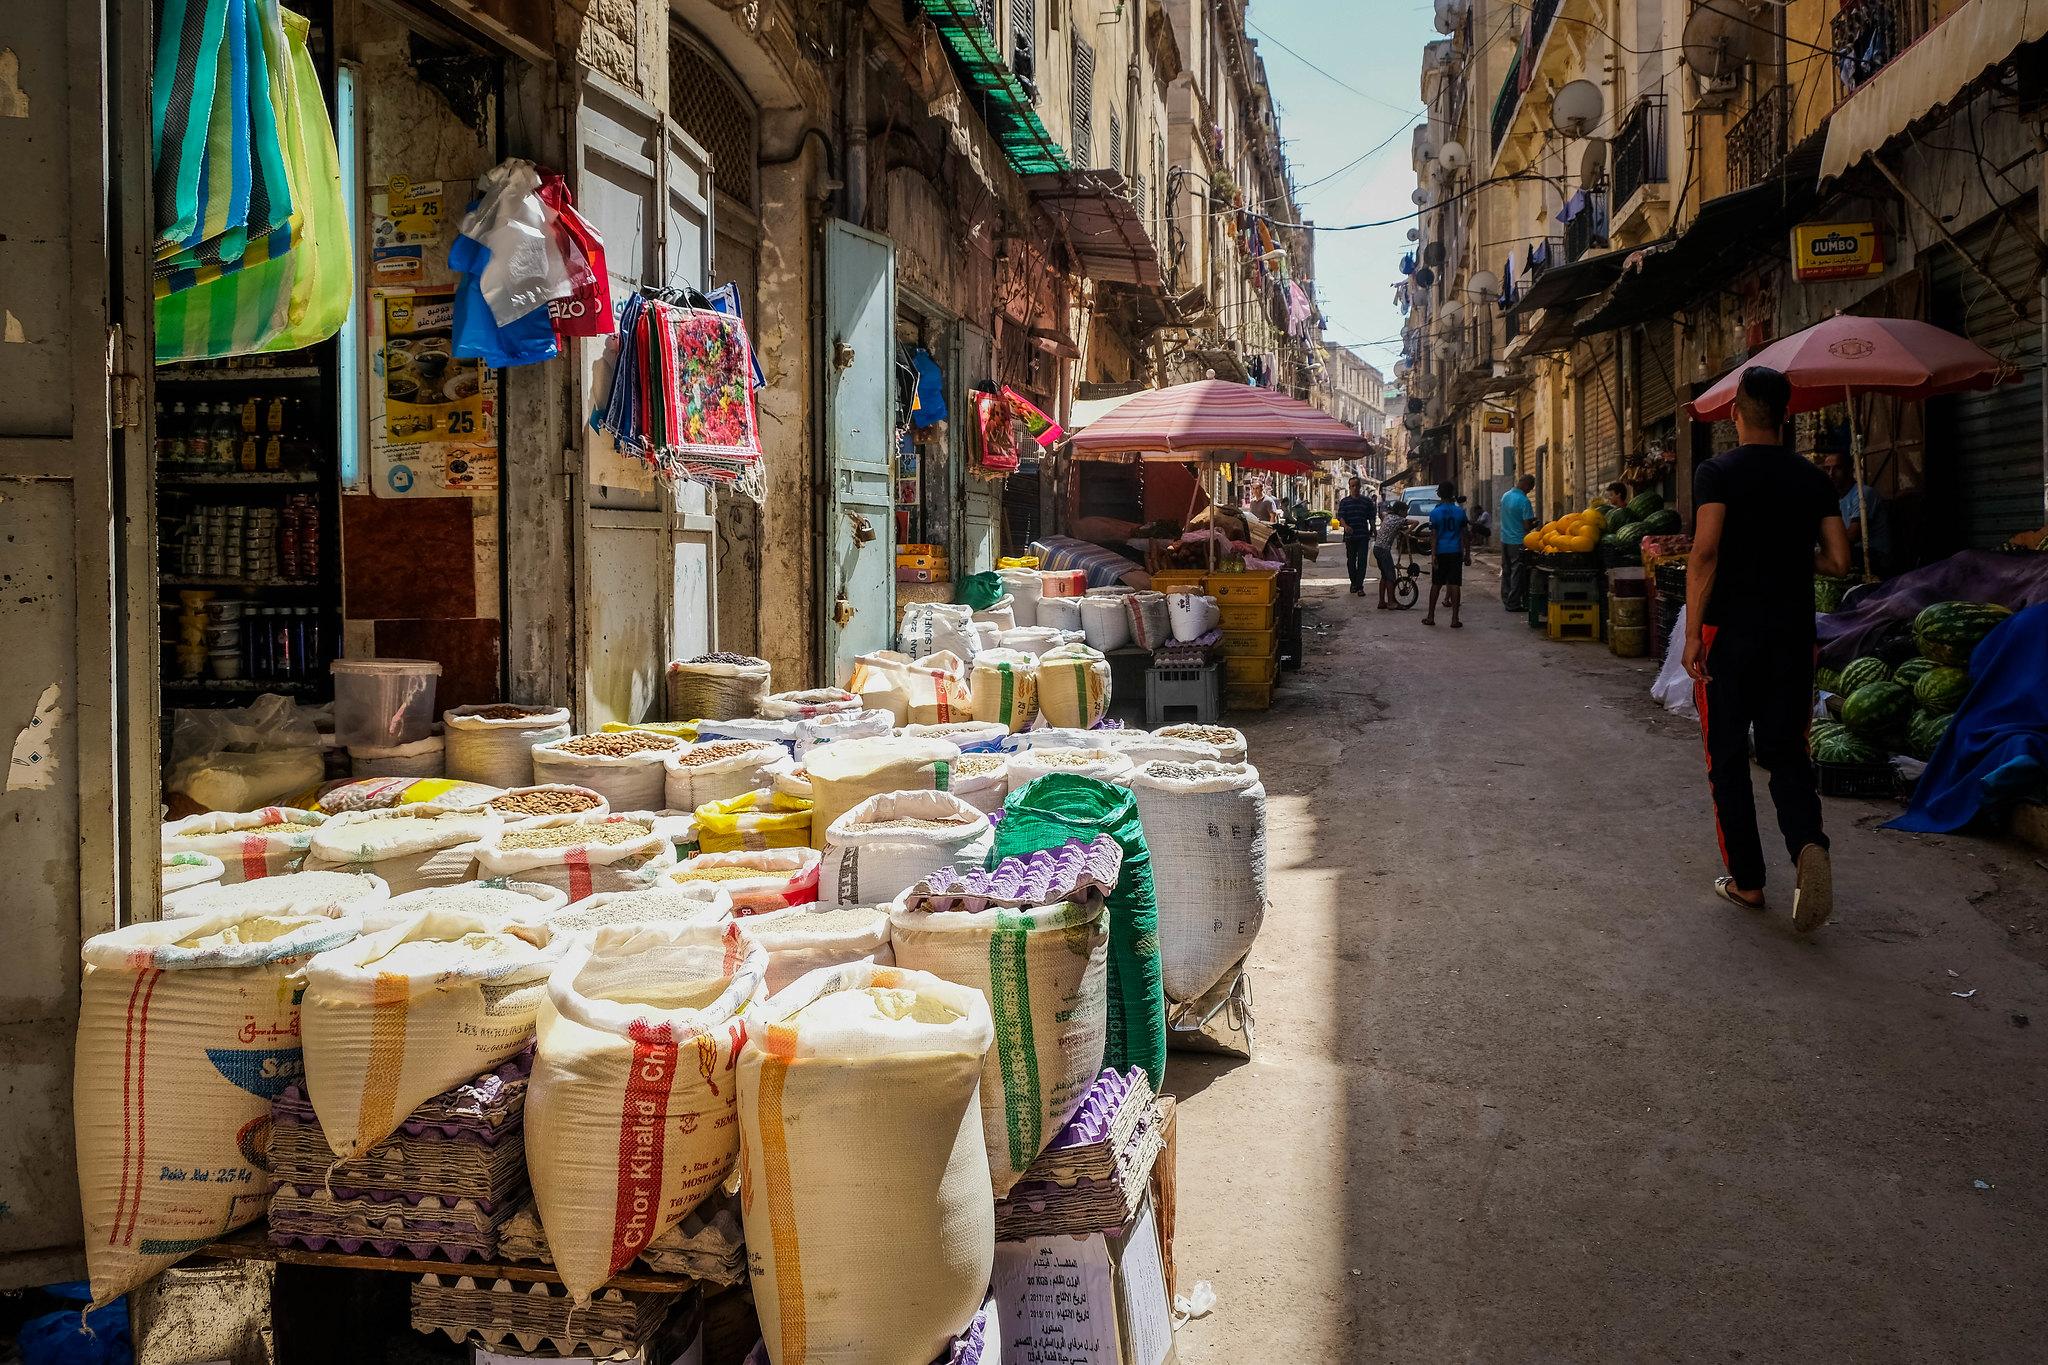 Market in Oran